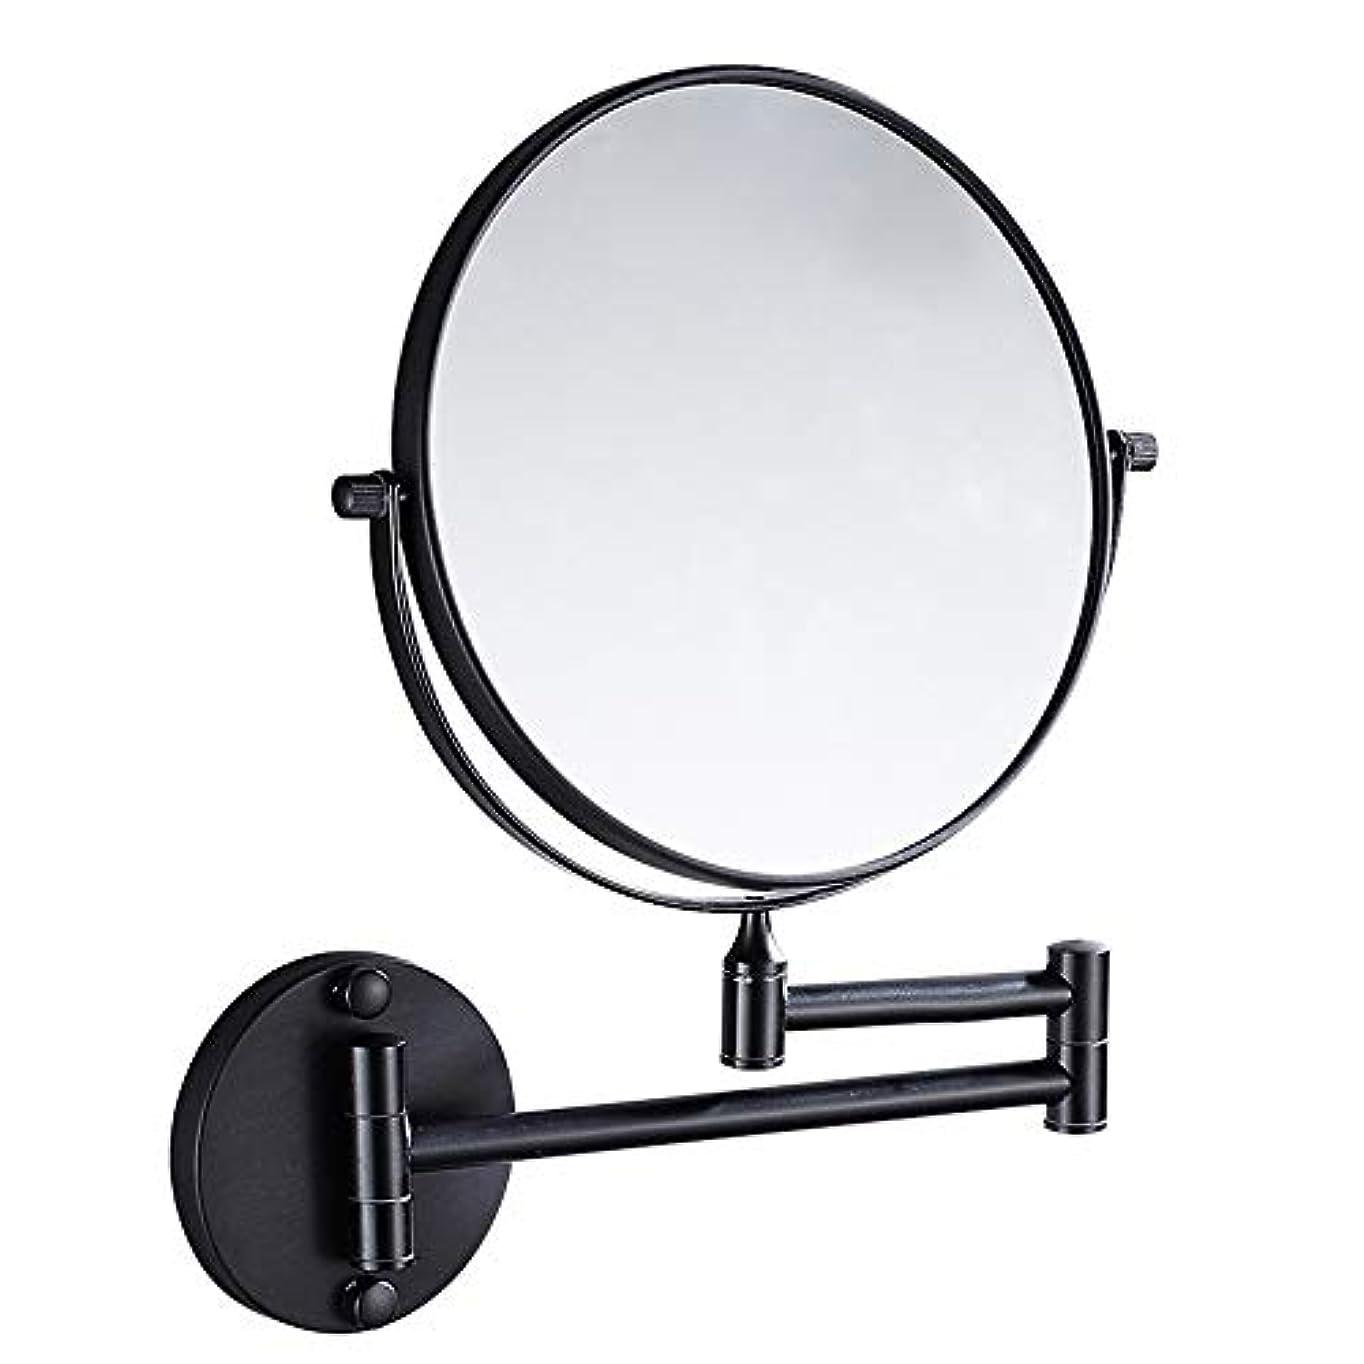 知覚うねる普遍的な流行の ブラック銅ミラー浴室壁掛け折りたたみ美容ミラー両面望遠鏡拡大鏡8インチパンチフリー